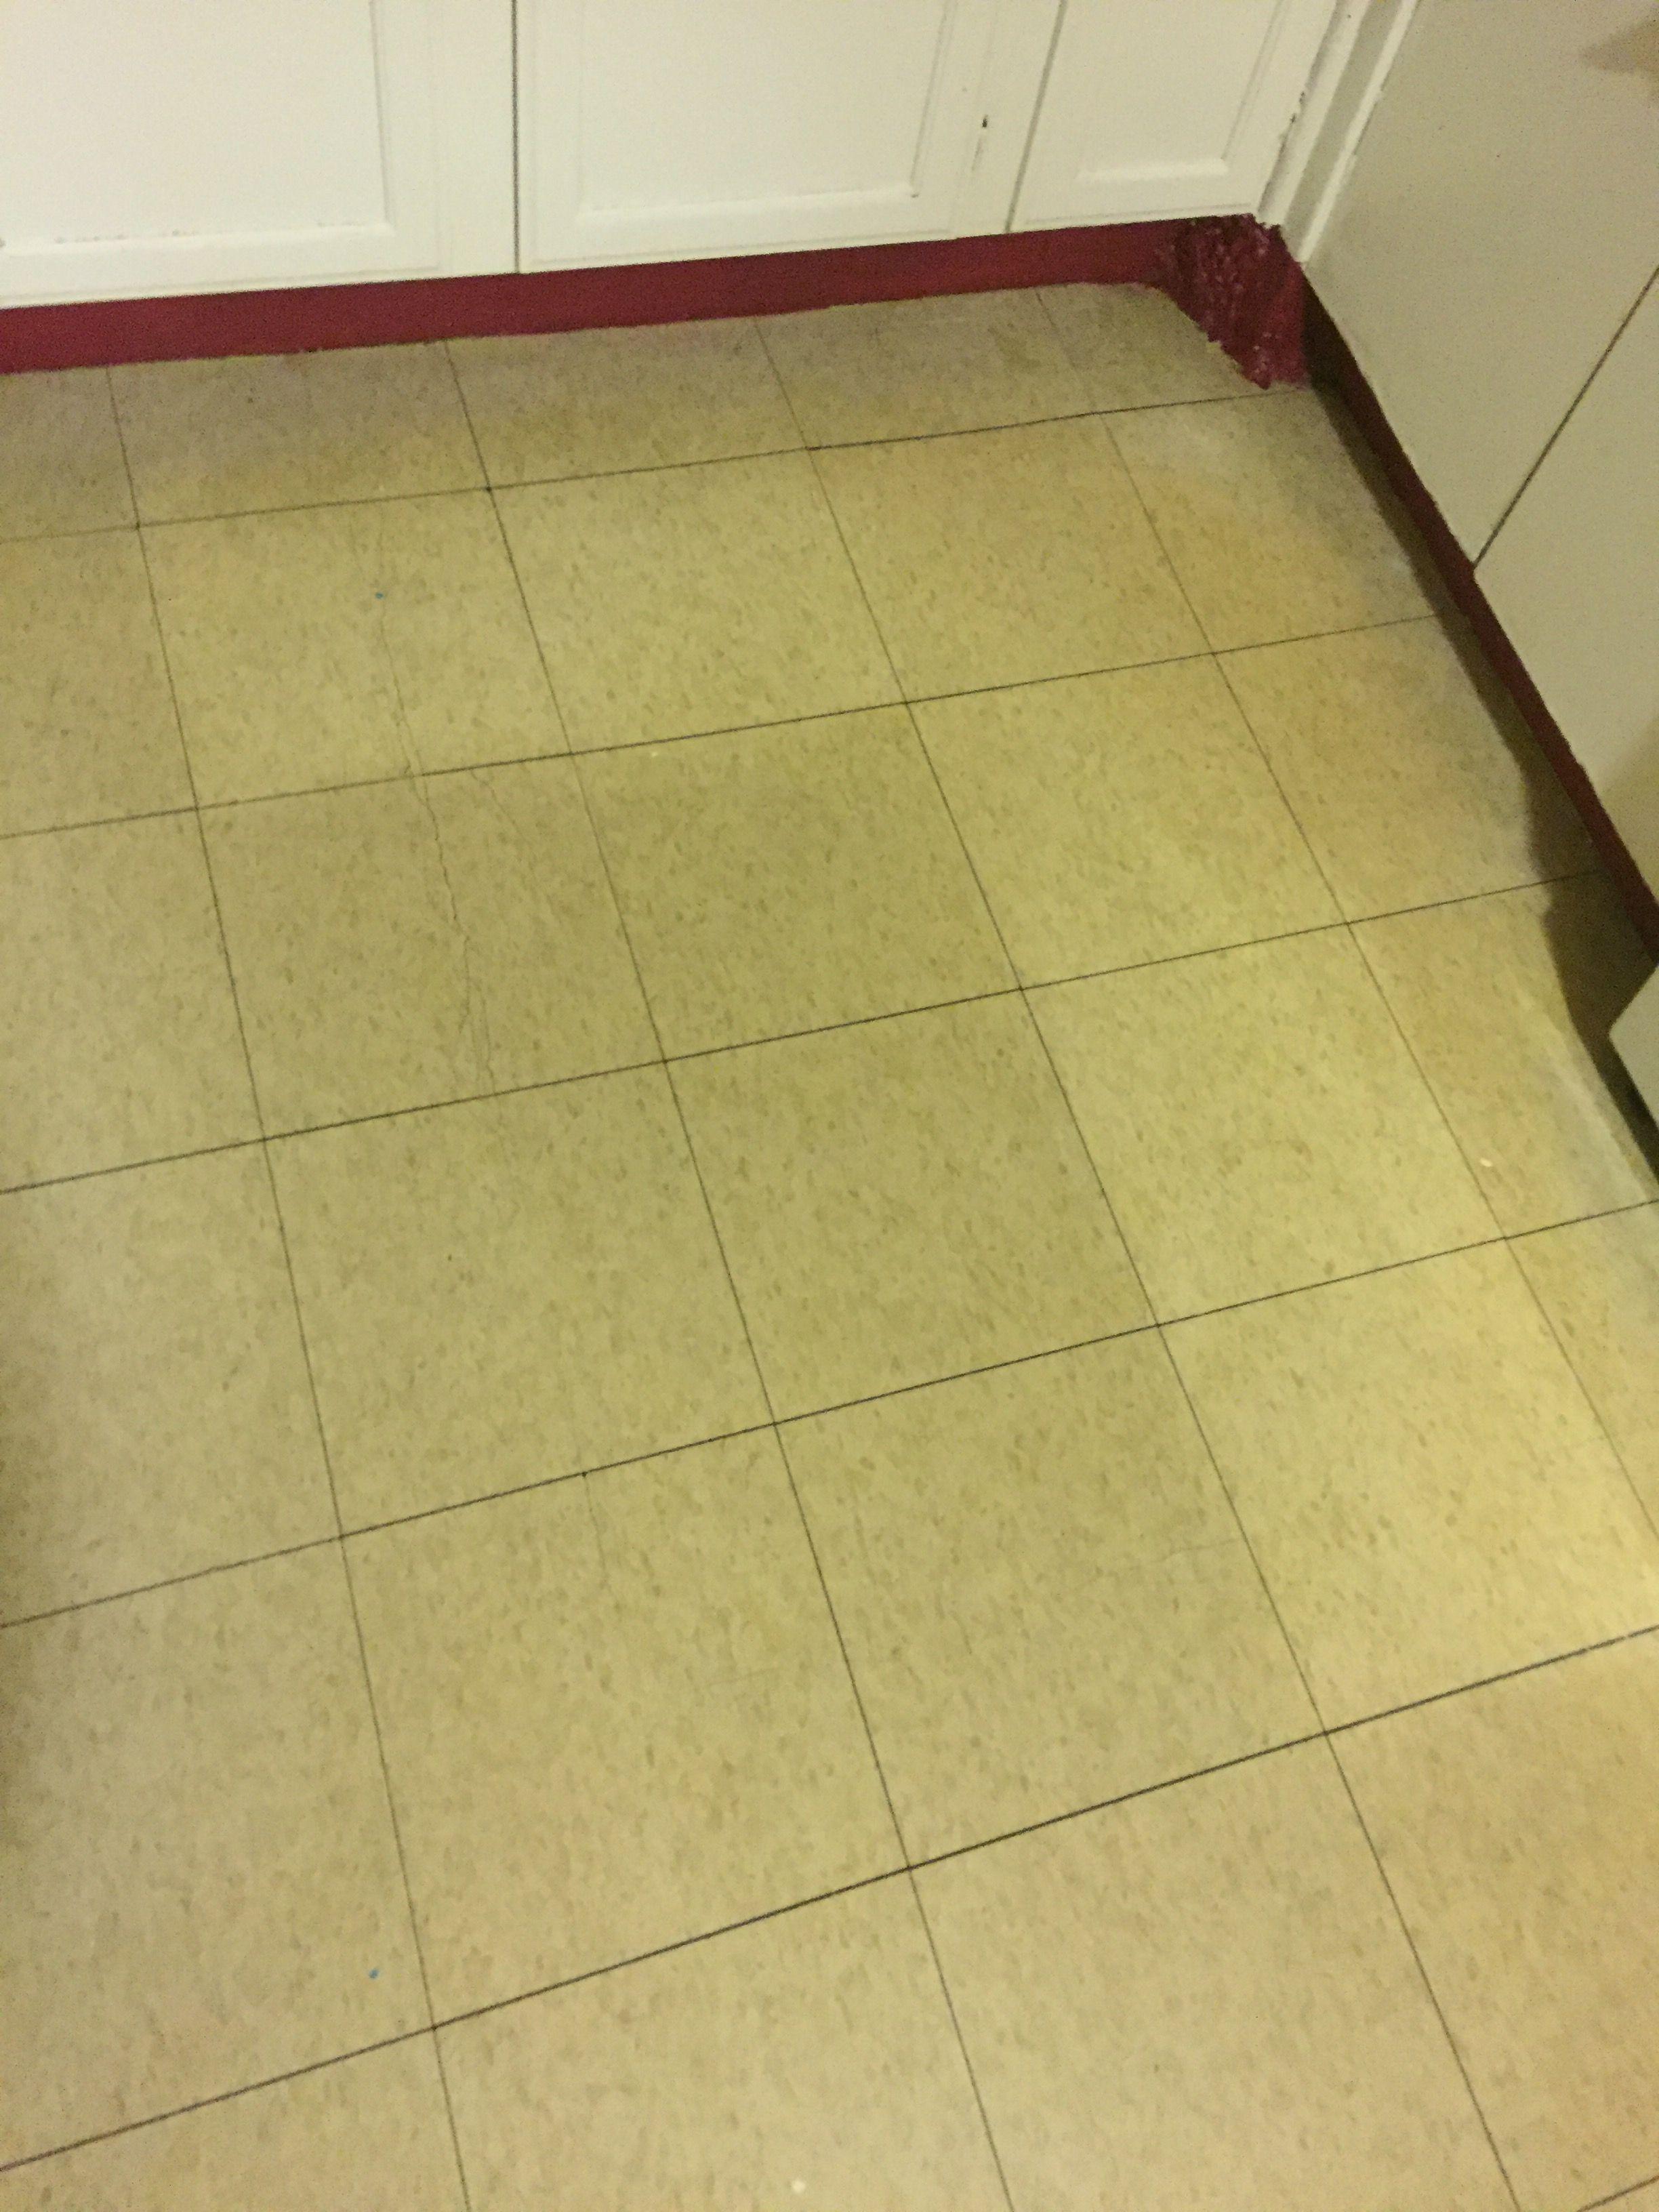 Ajax Powder W Bleach To Deep Clean Yellowing Vinyl Floor Cleaning Vinyl Floors Flooring Floor Cleaner